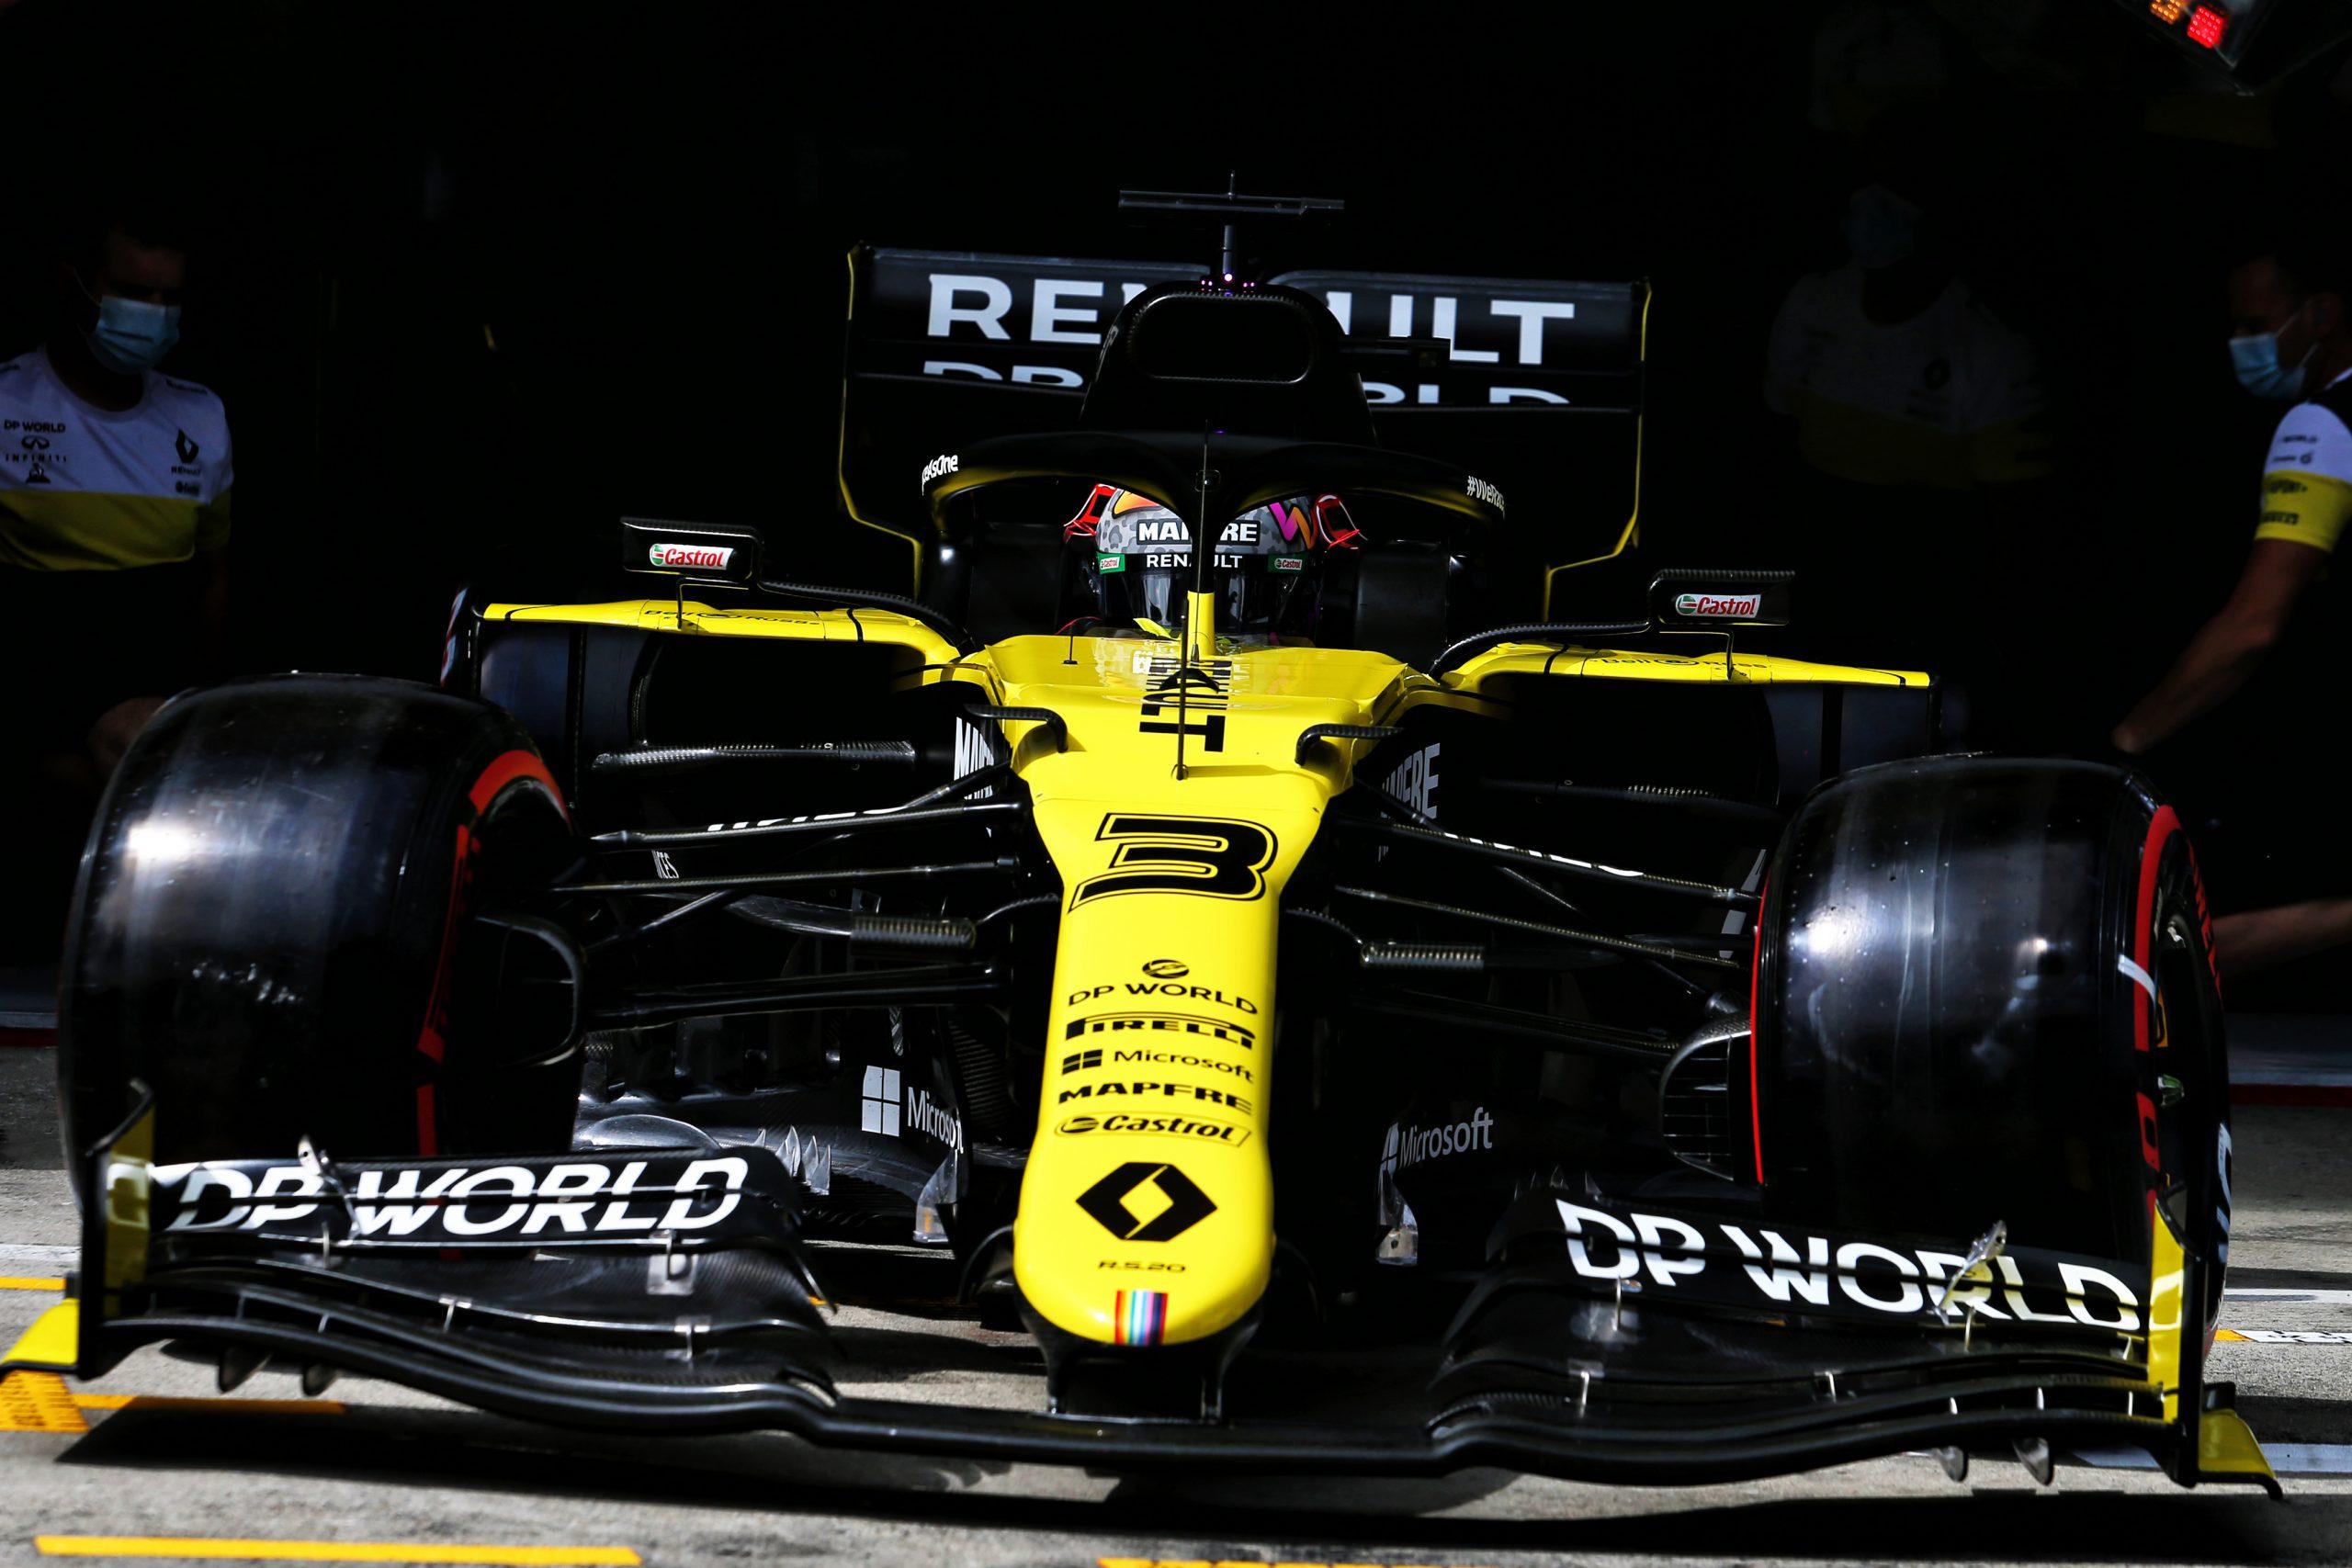 Renault F1 suspend le développement de son moteur pour 2020 1